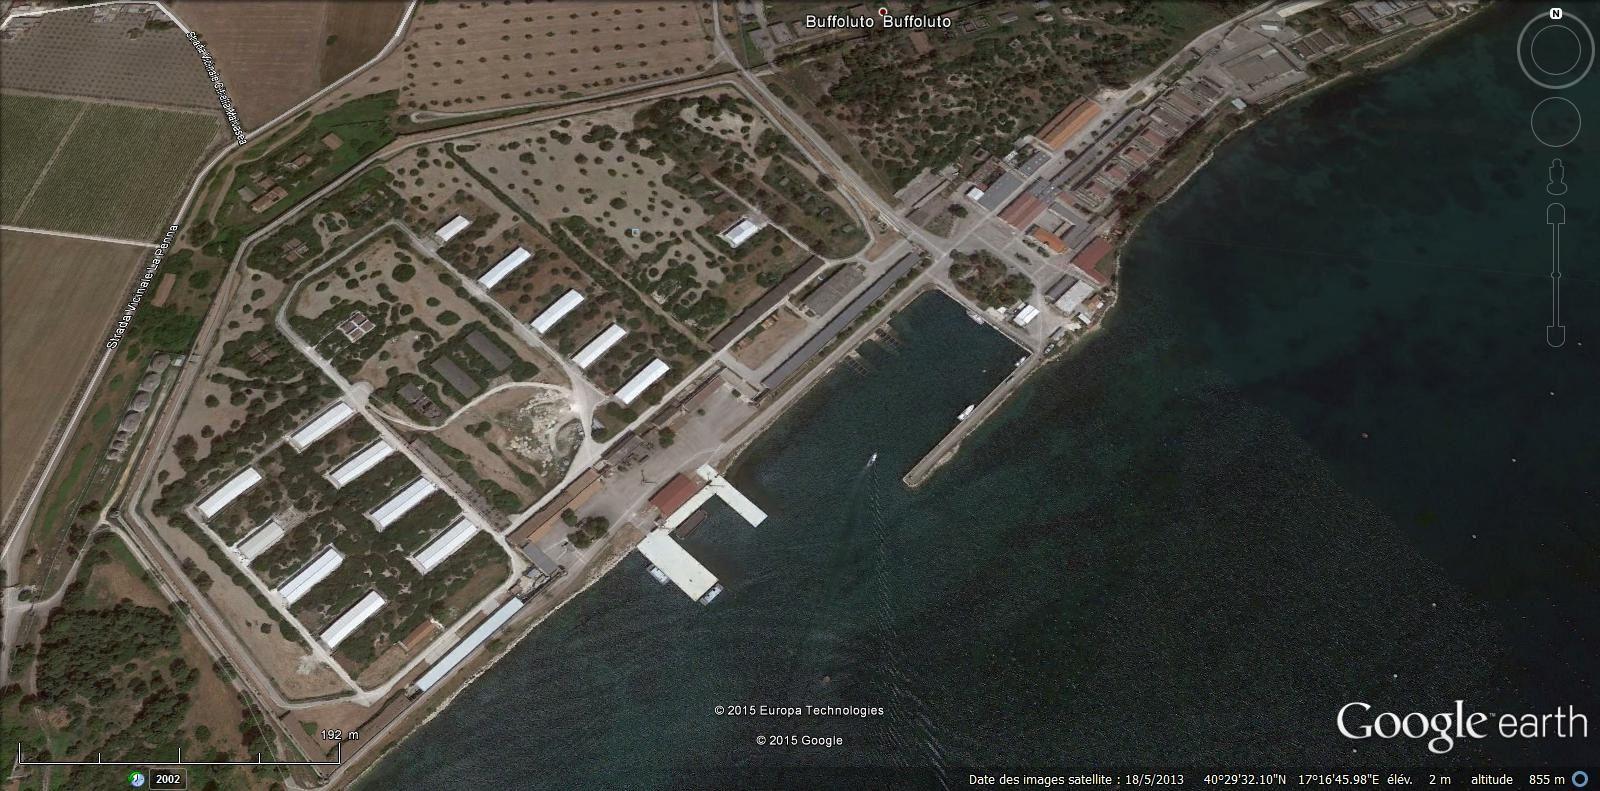 domaine militaire de Buffoluto